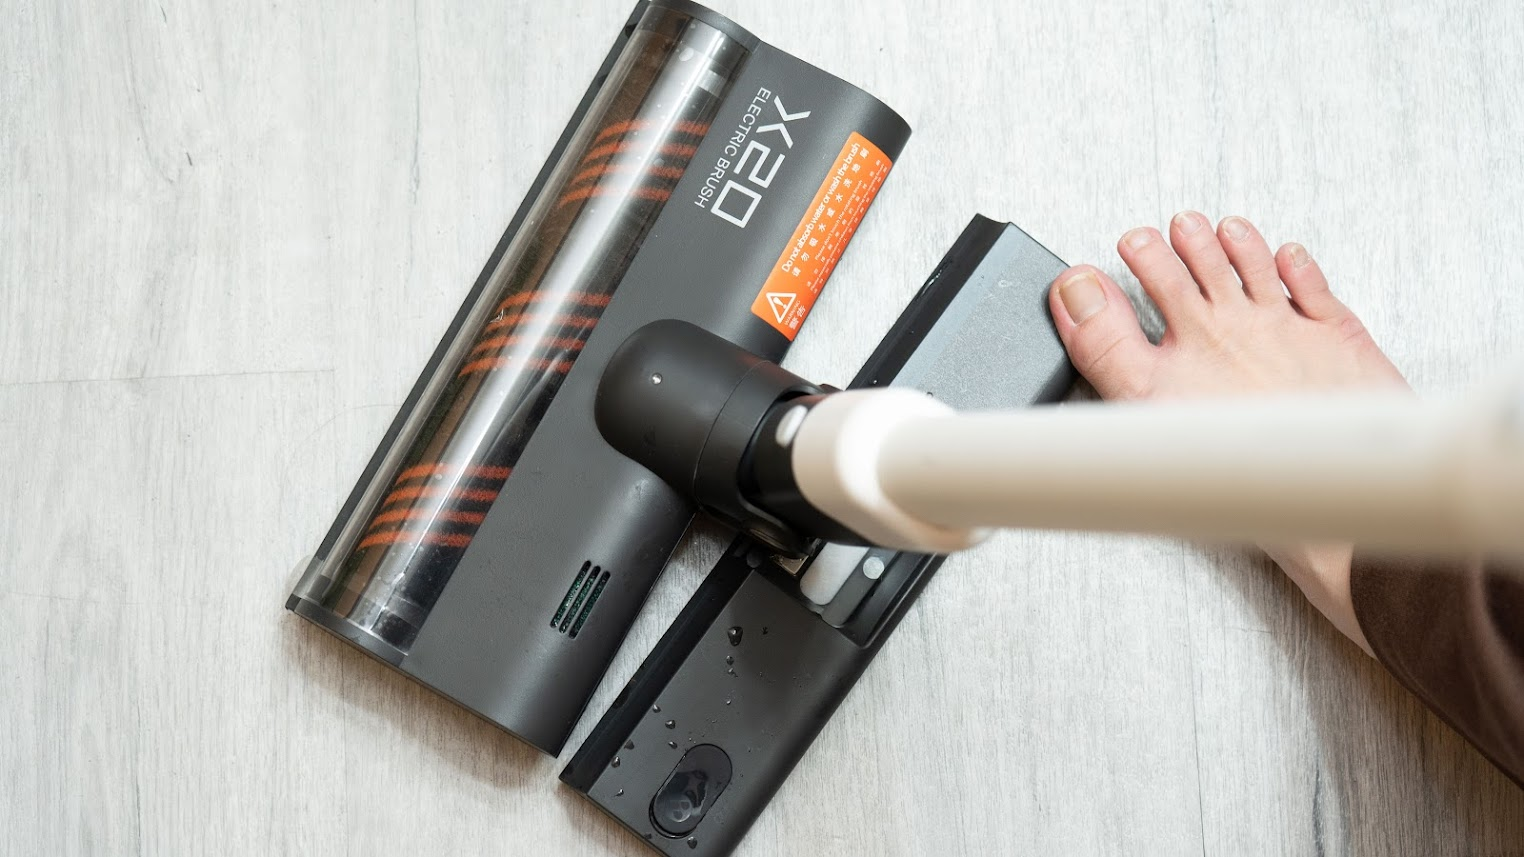 吸拖一體!ROIDMI睿米 X20 無線手持吸塵器。高規格、高 CP 值的吸塵器首選 - 3C科技新聞 | ePrice 比價王